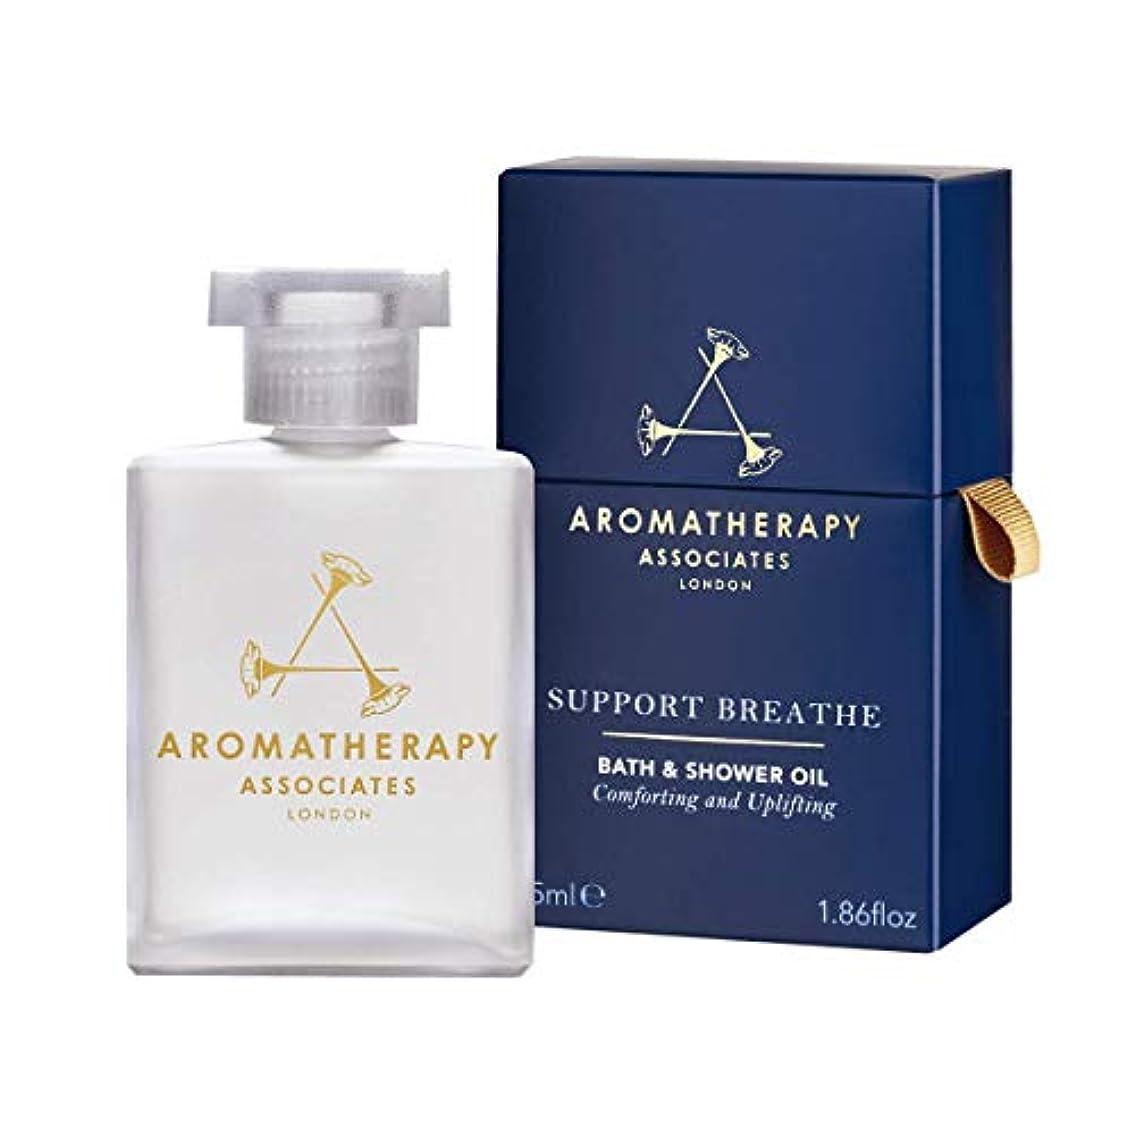 抑止する不承認が欲しいアロマセラピー アソシエイツ(Aromatherapy Associates) サポート ブリーズ バスアンドシャワーオイル 55ml [海外直送品] [並行輸入品]